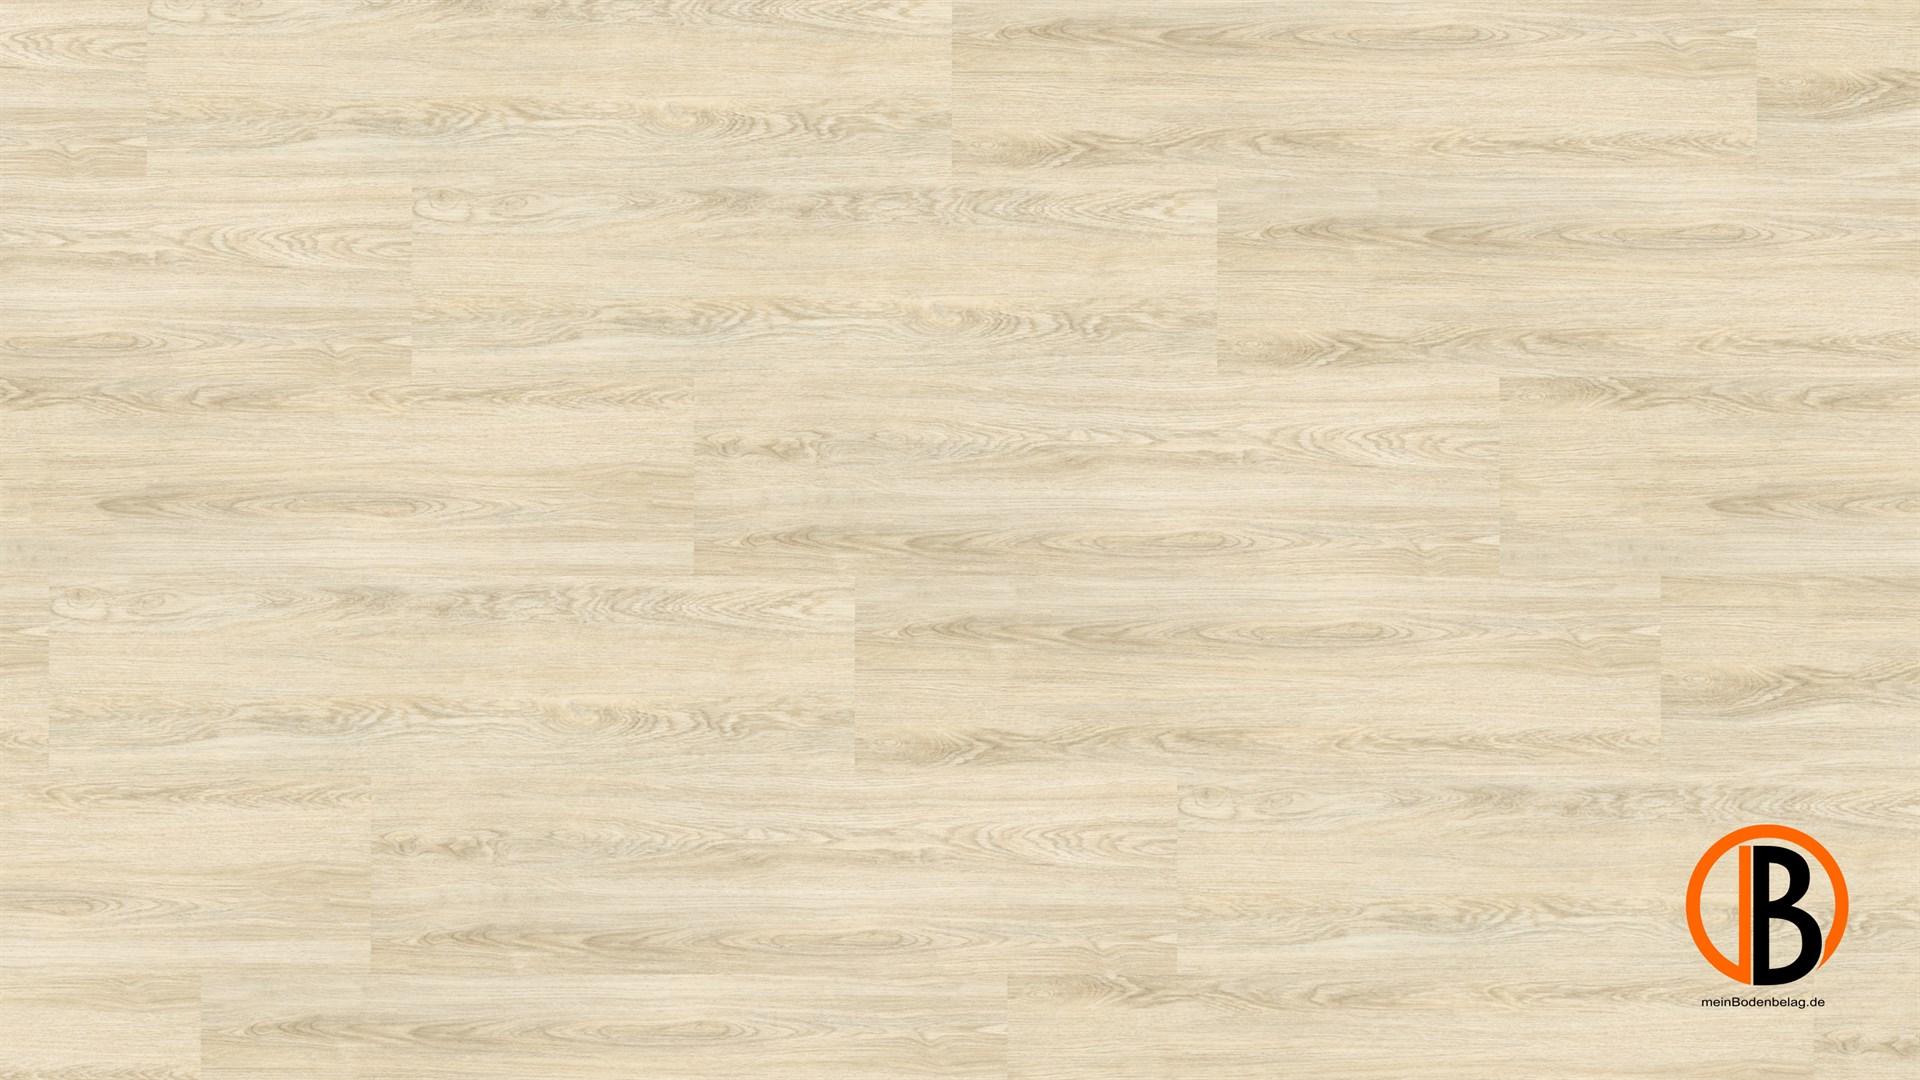 CINQUE KWG KORK-DESIGNBODEN SAMOA HDF | 10000459;0 | Bild 1